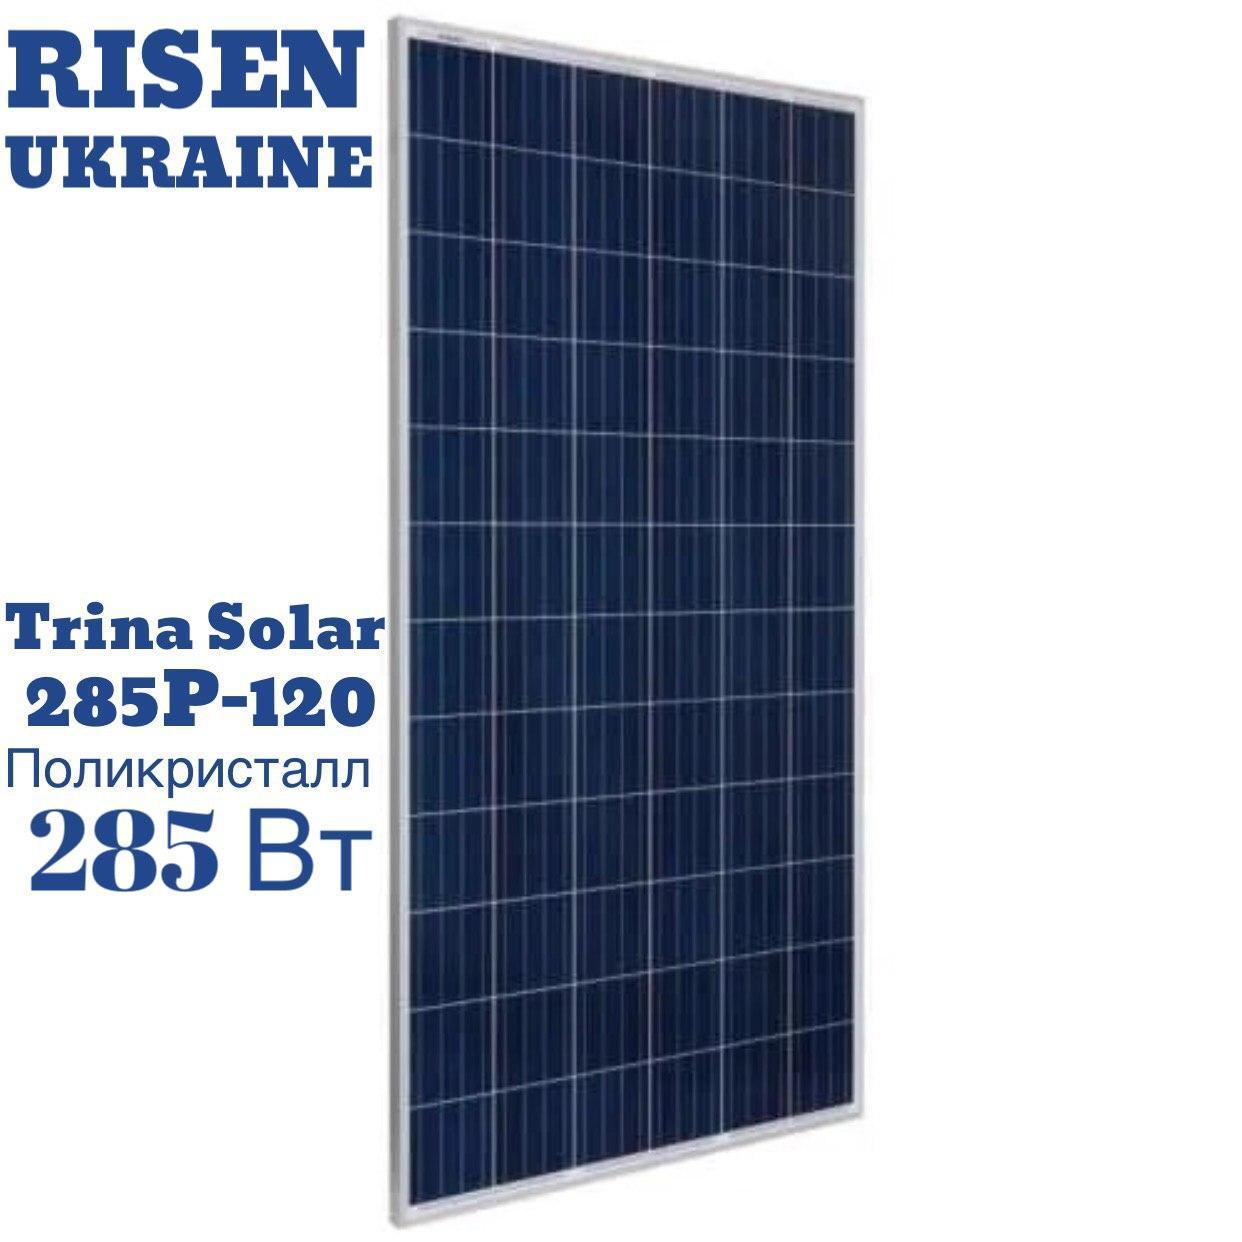 Солнечная батарея Trina Solar285P-120 поликристалл285Вт